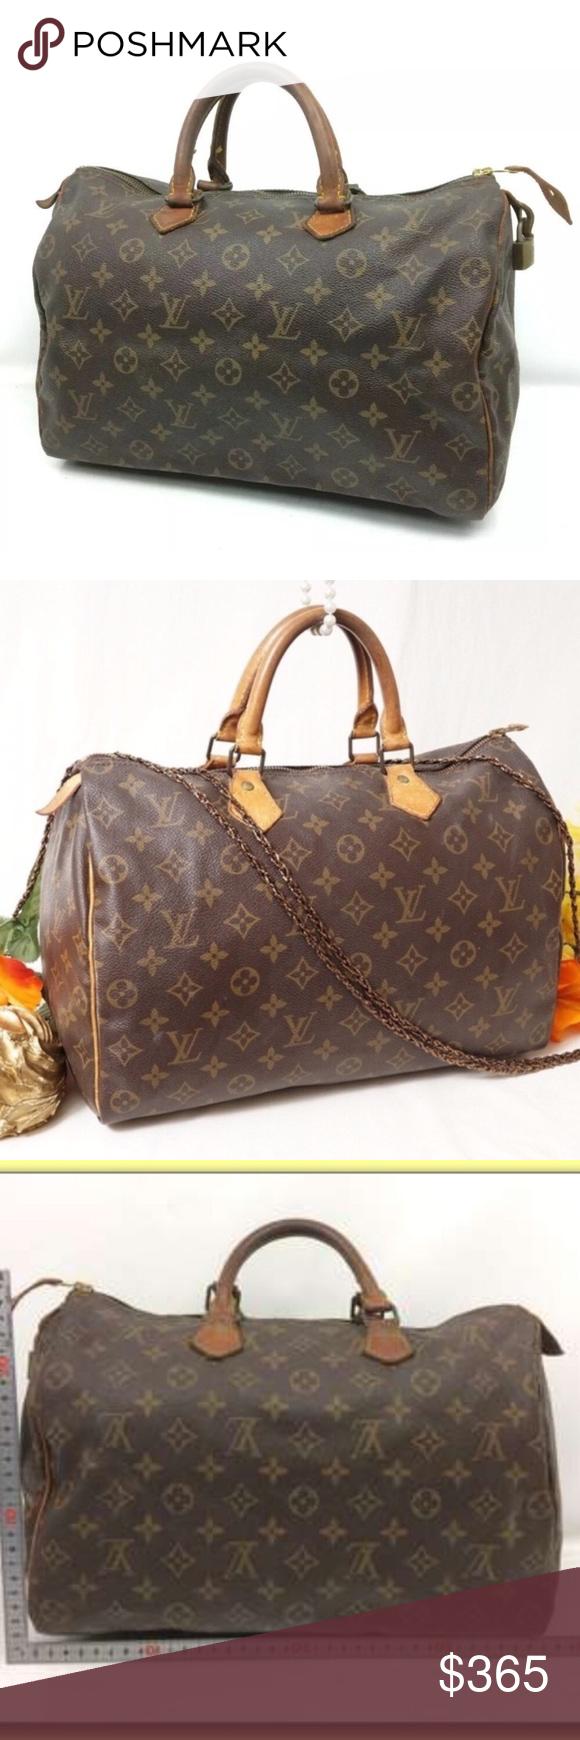 Authentic Louis Vuitton Speedy 35 Vtg Satchel Bag Satchel Bags Louis Vuitton Speedy 35 Bags